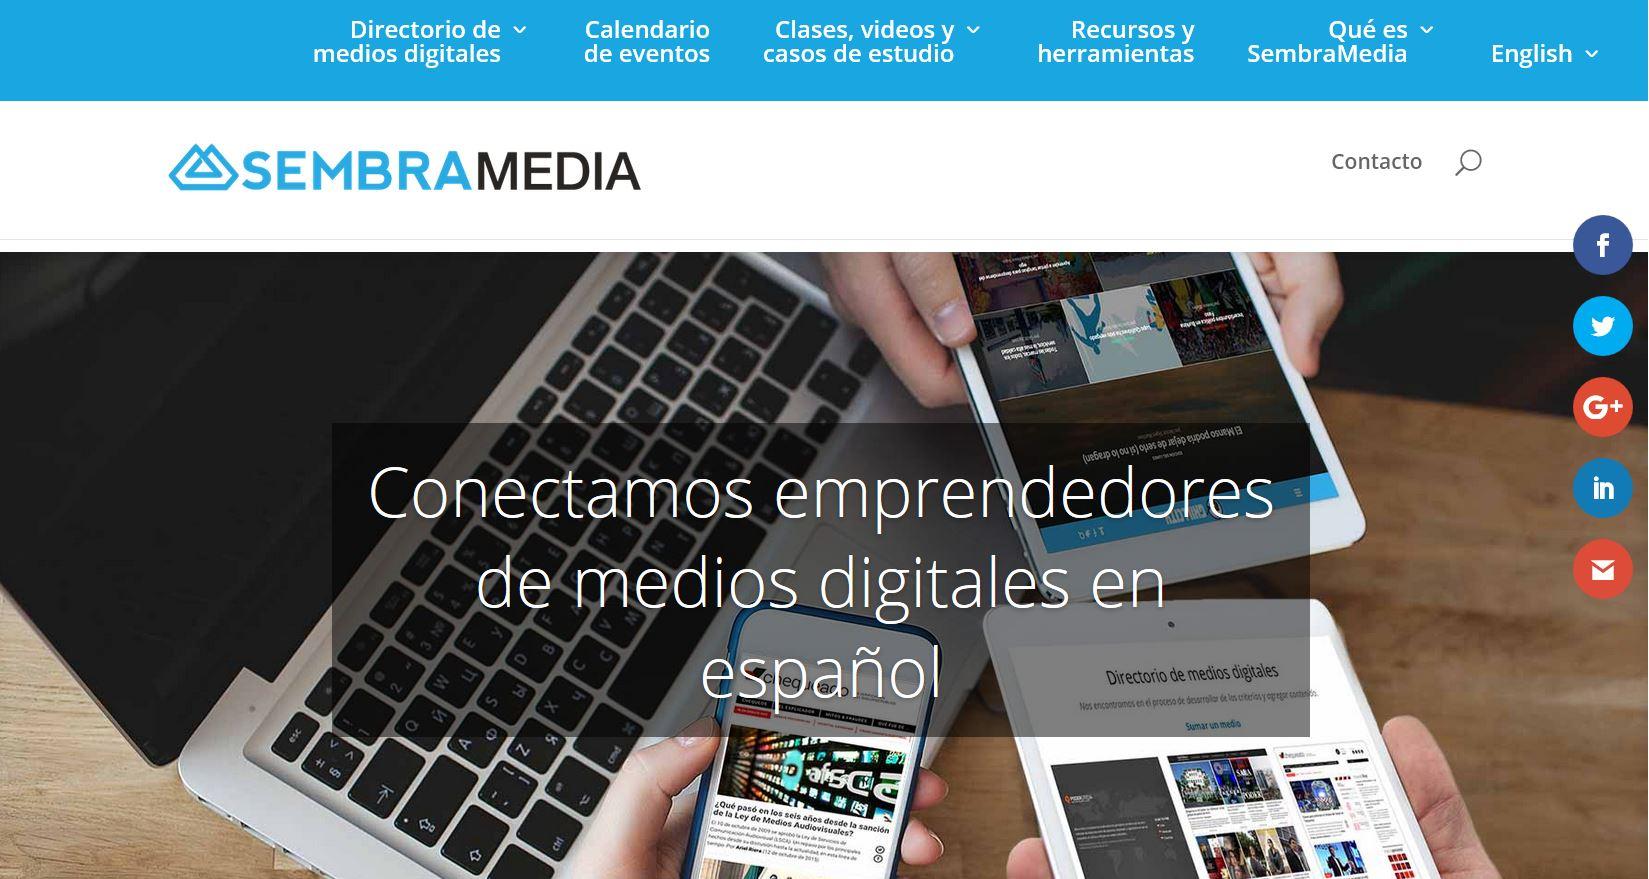 SembraMedia es una comunidad dedicada a ayudar a emprendedores de medios digitales para ser más sostenibles